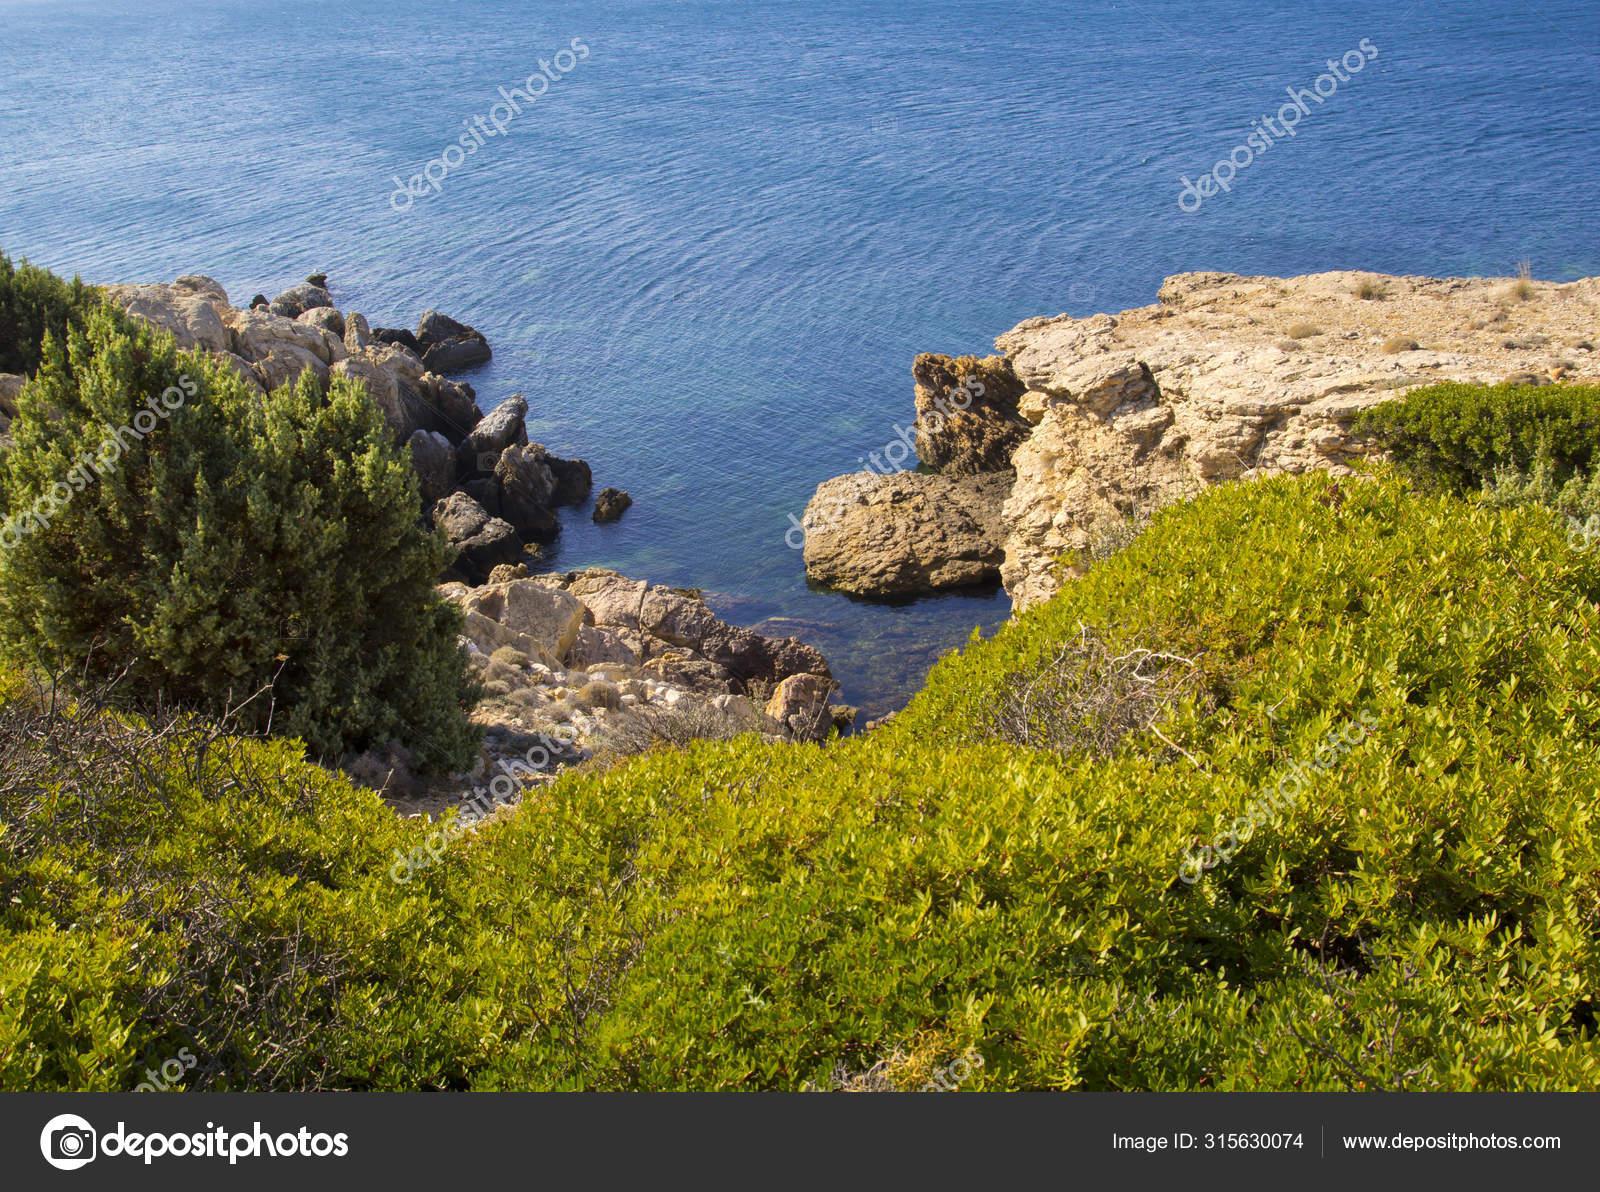 Beautiful View Sigacik Cove Izmir Turkey Stock Photo C Deep76 315630074